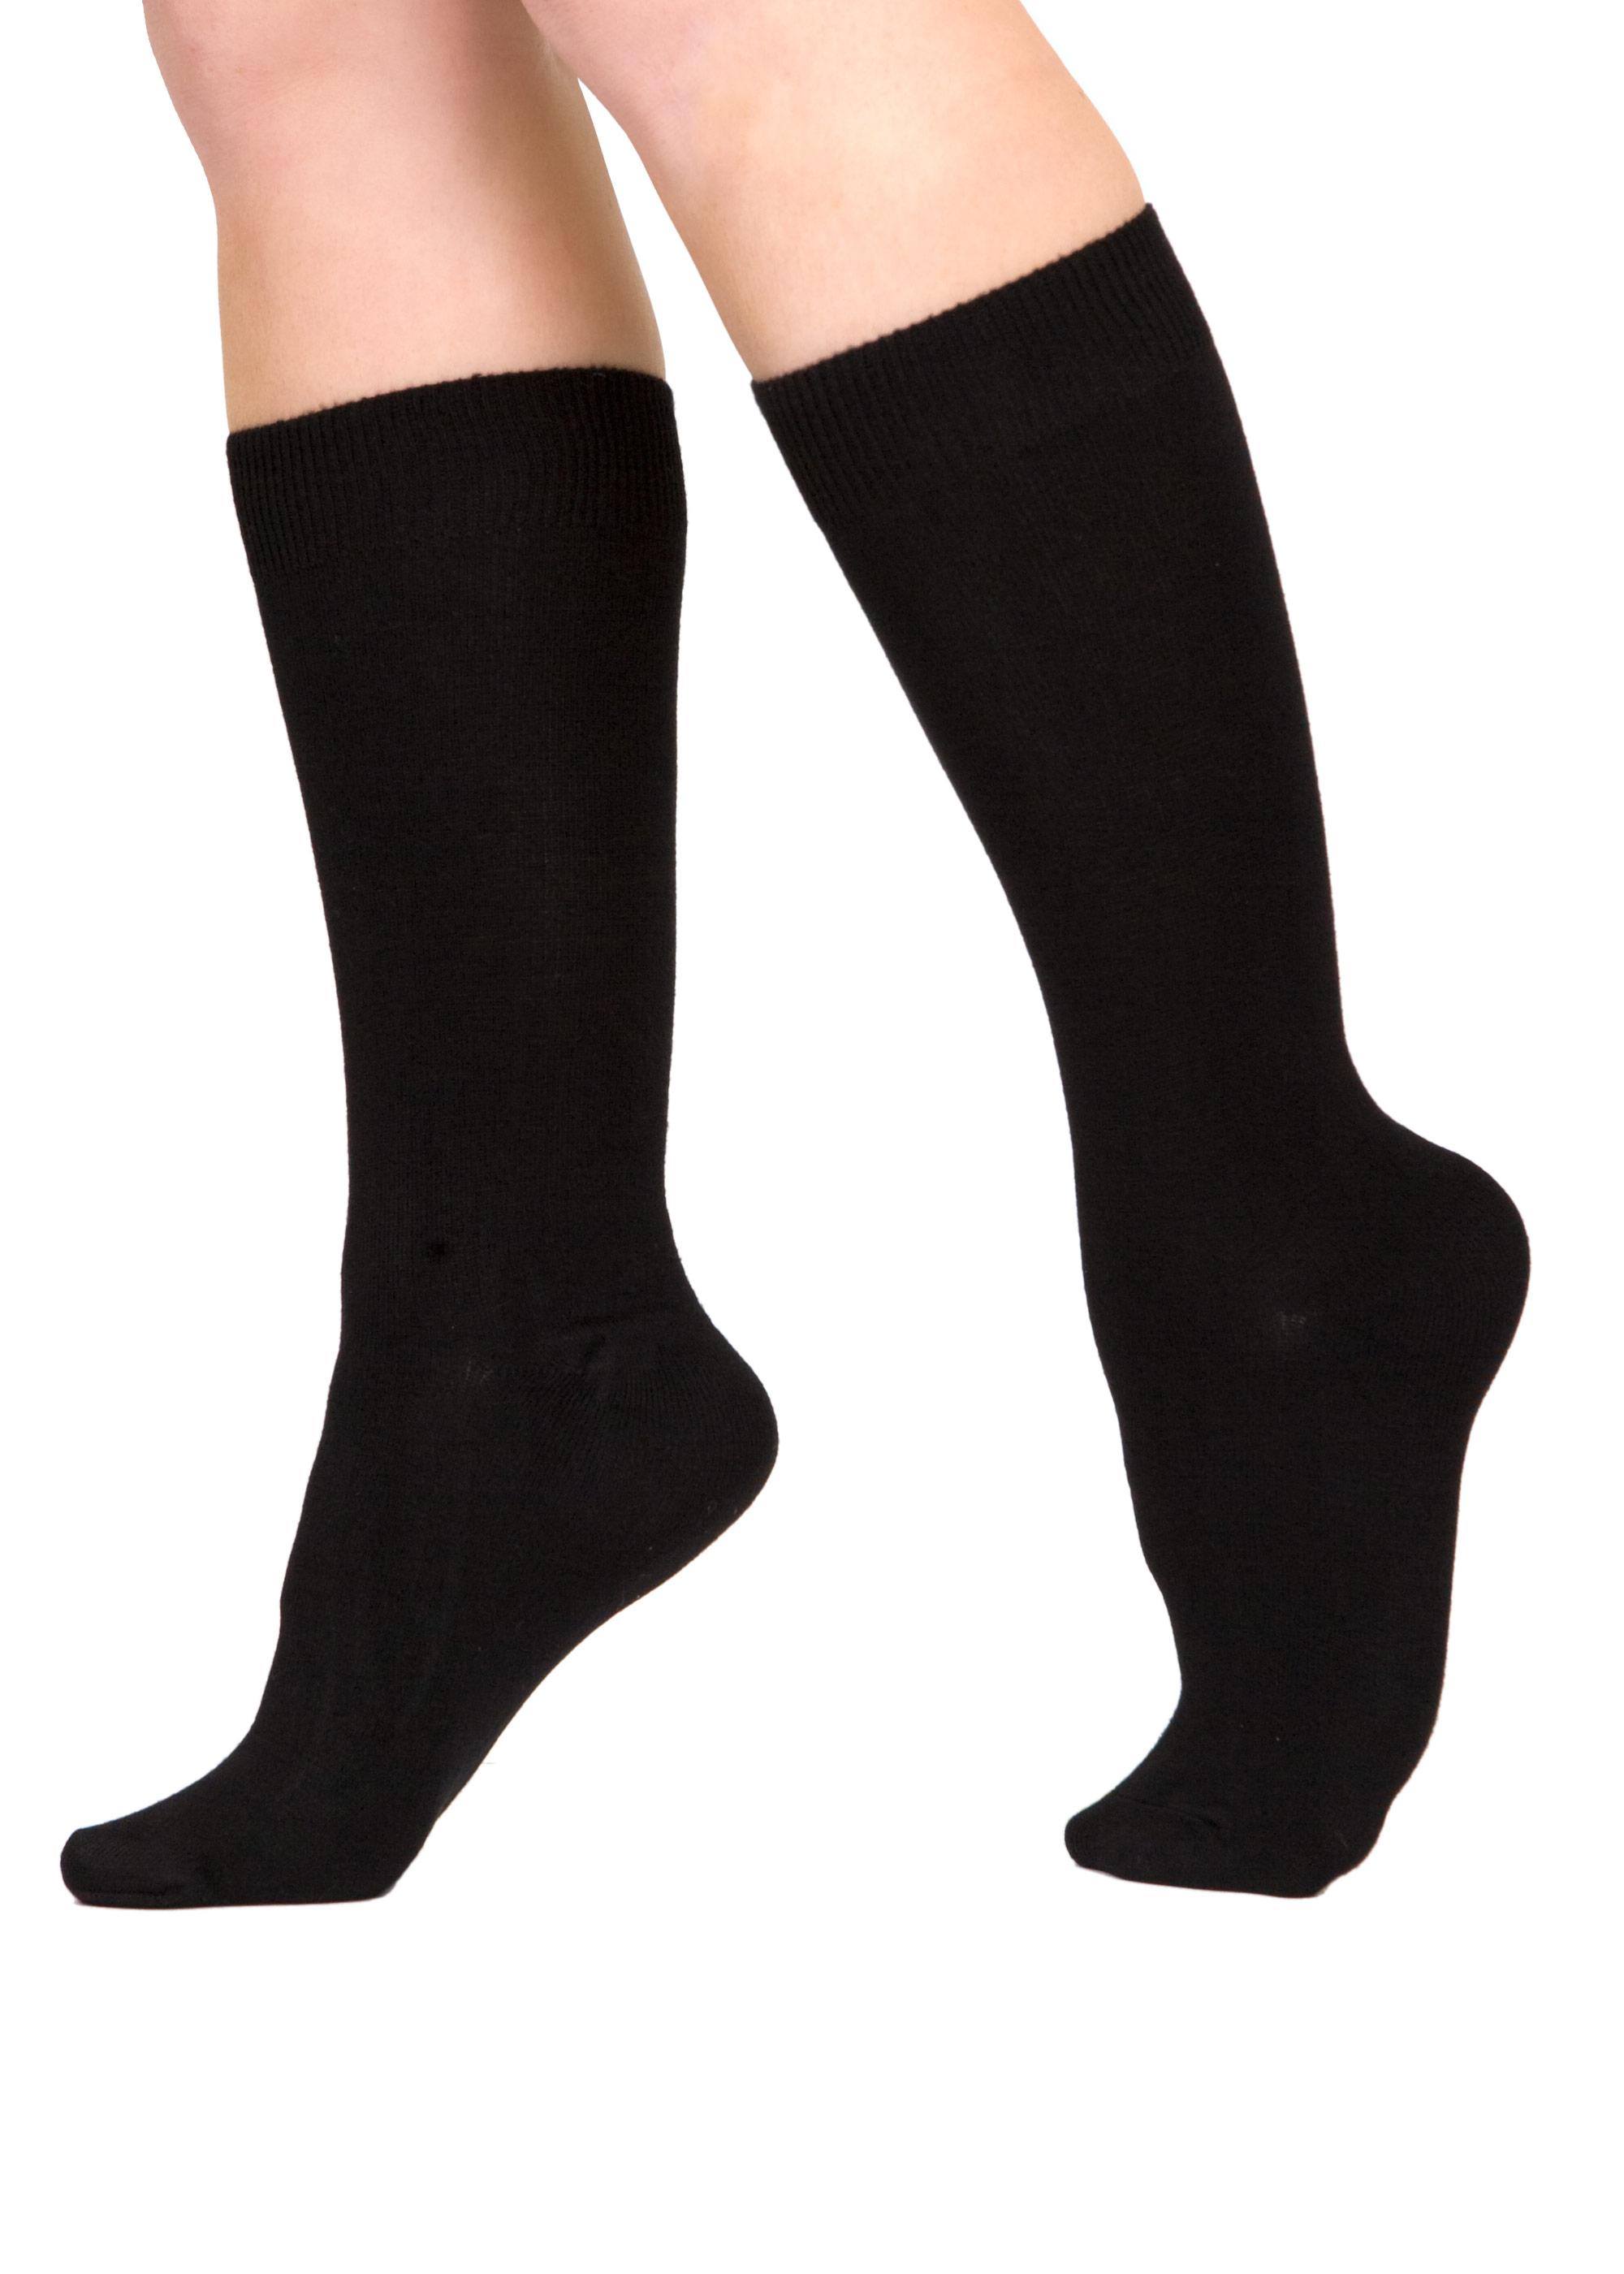 75848fa82 Super Soft Mid-Calf Socks | Silkies